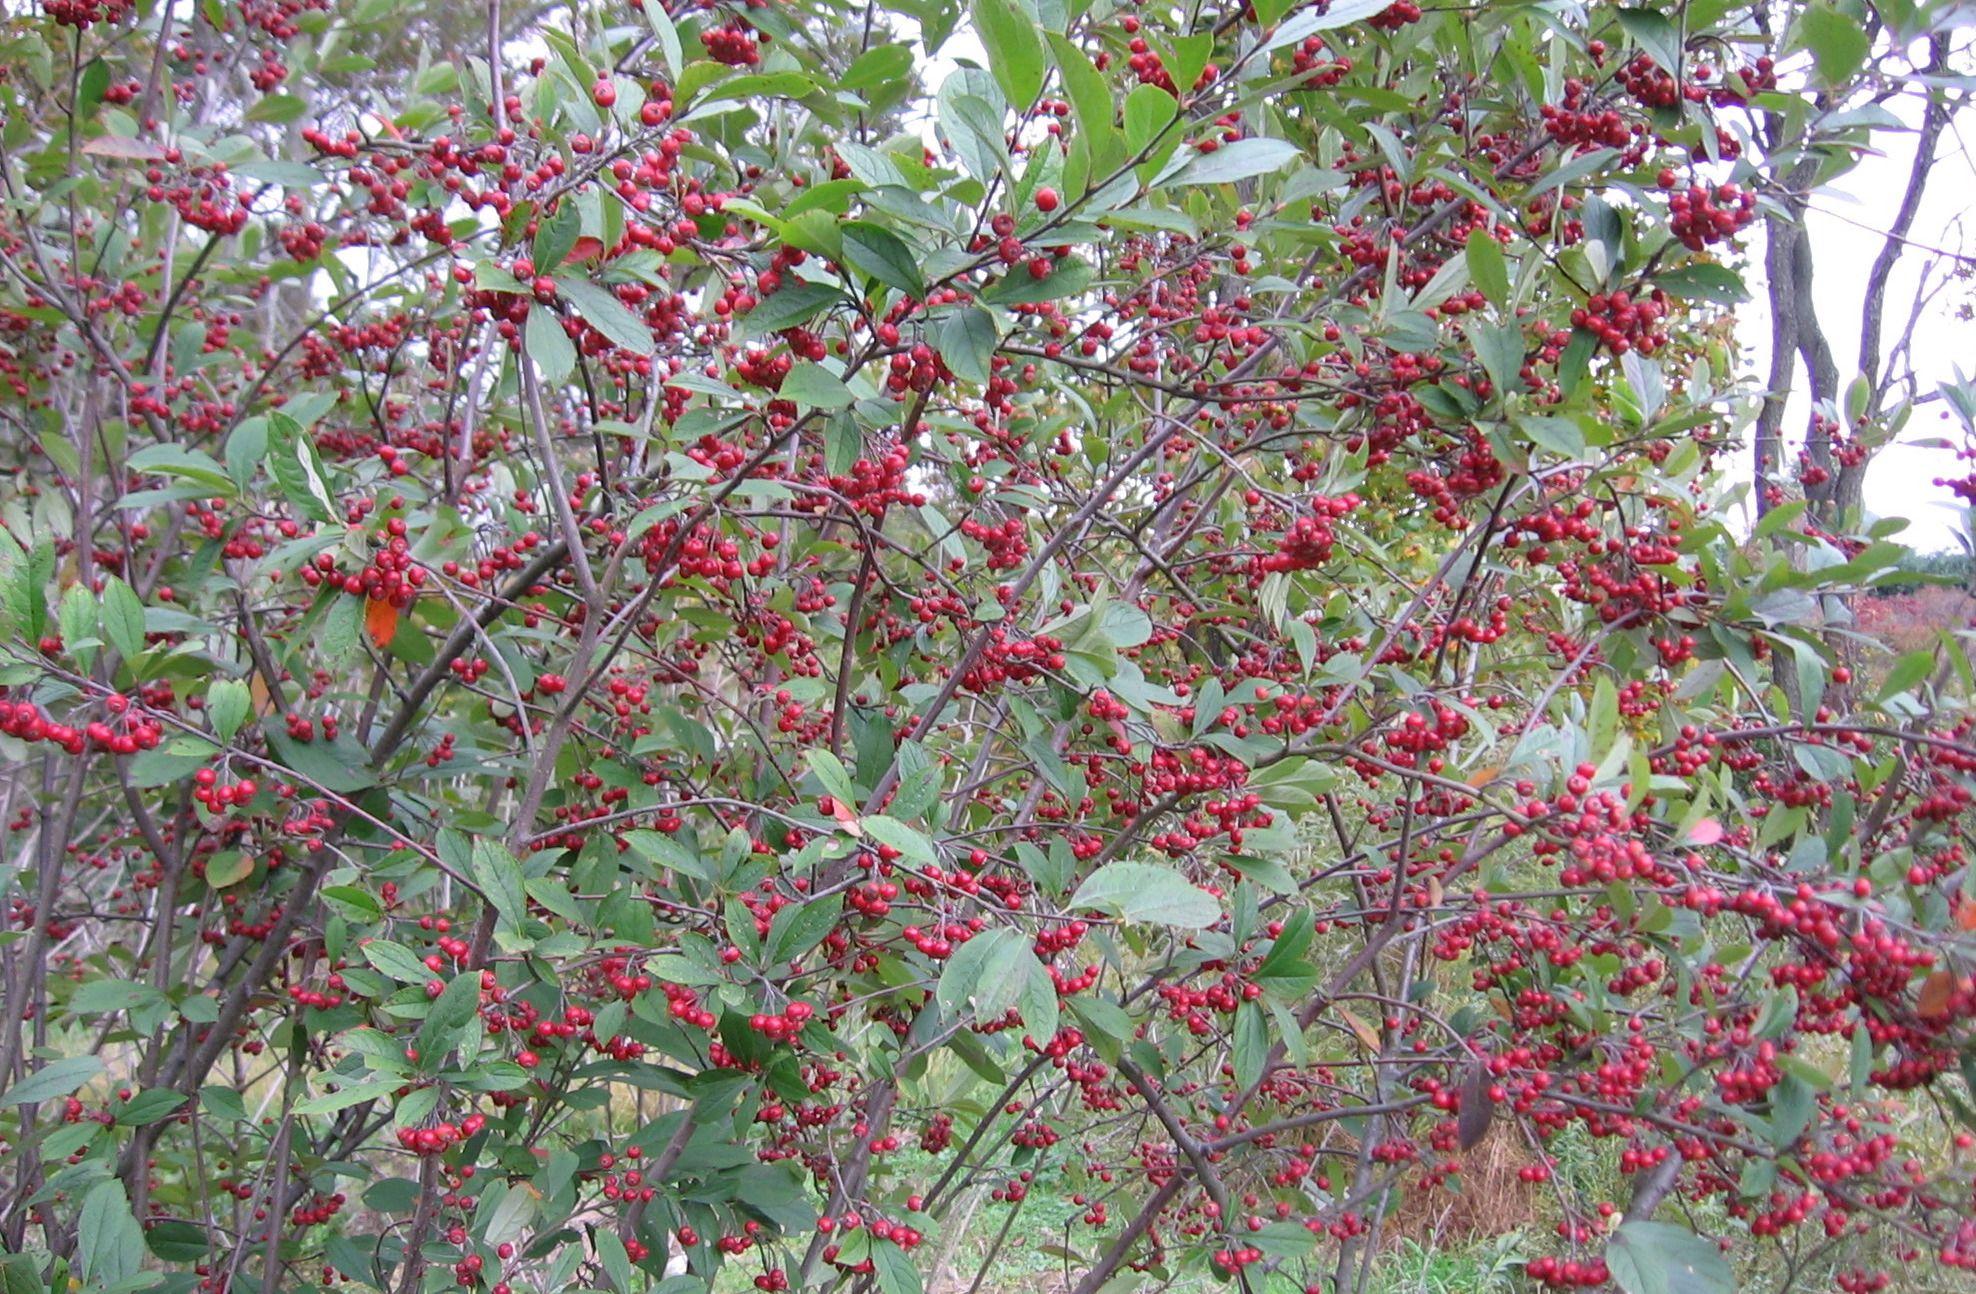 Albero Con Bacche Rosse aronia arbutifolia 'brilliantissima' arbusto rustico, con